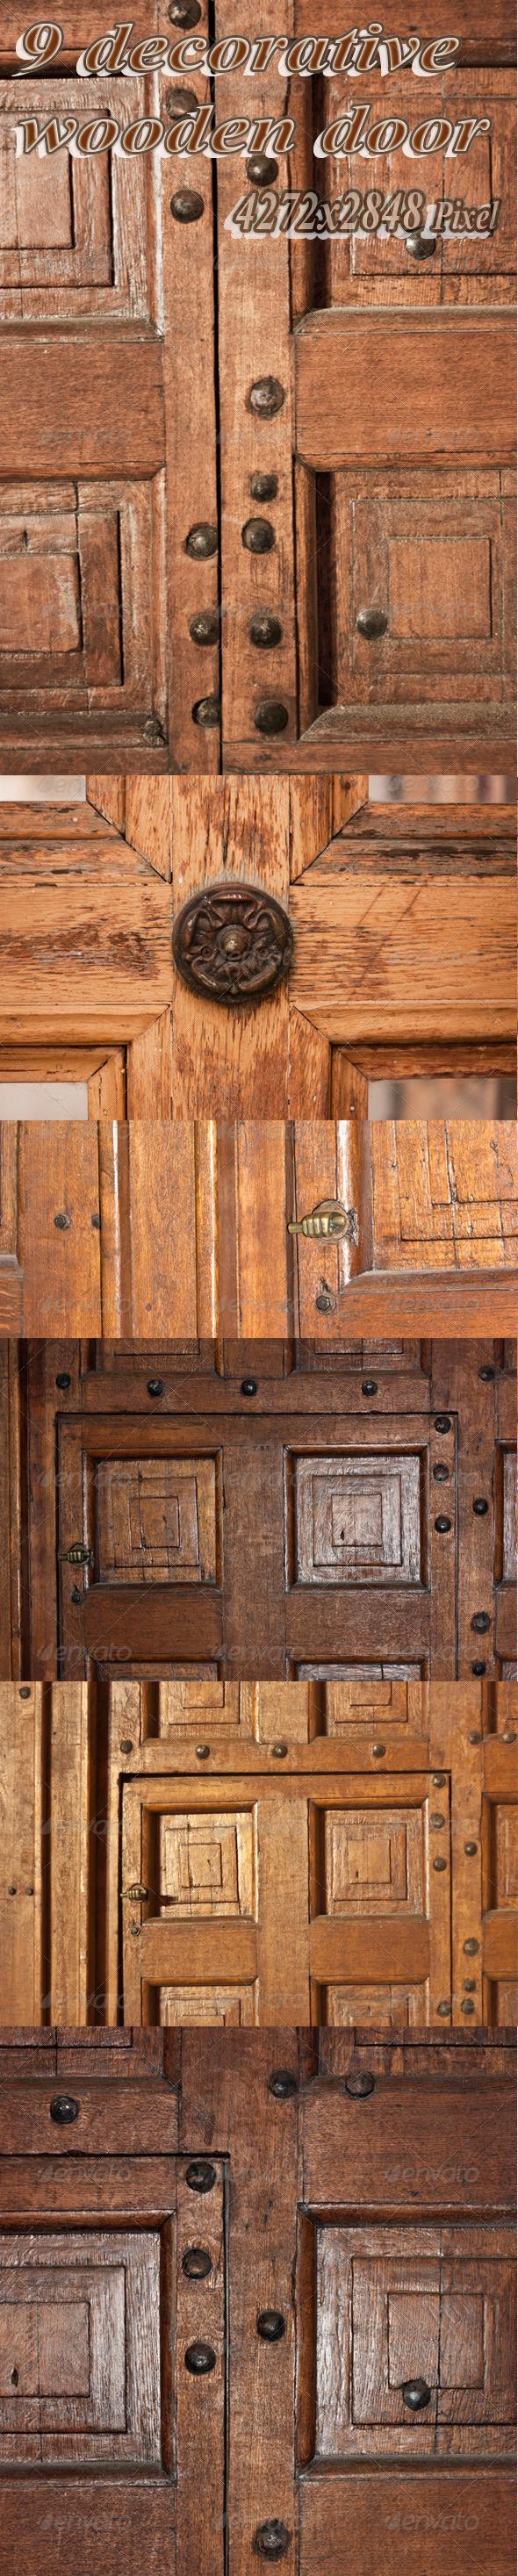 GraphicRiver Decorative Wooden Door 3453217